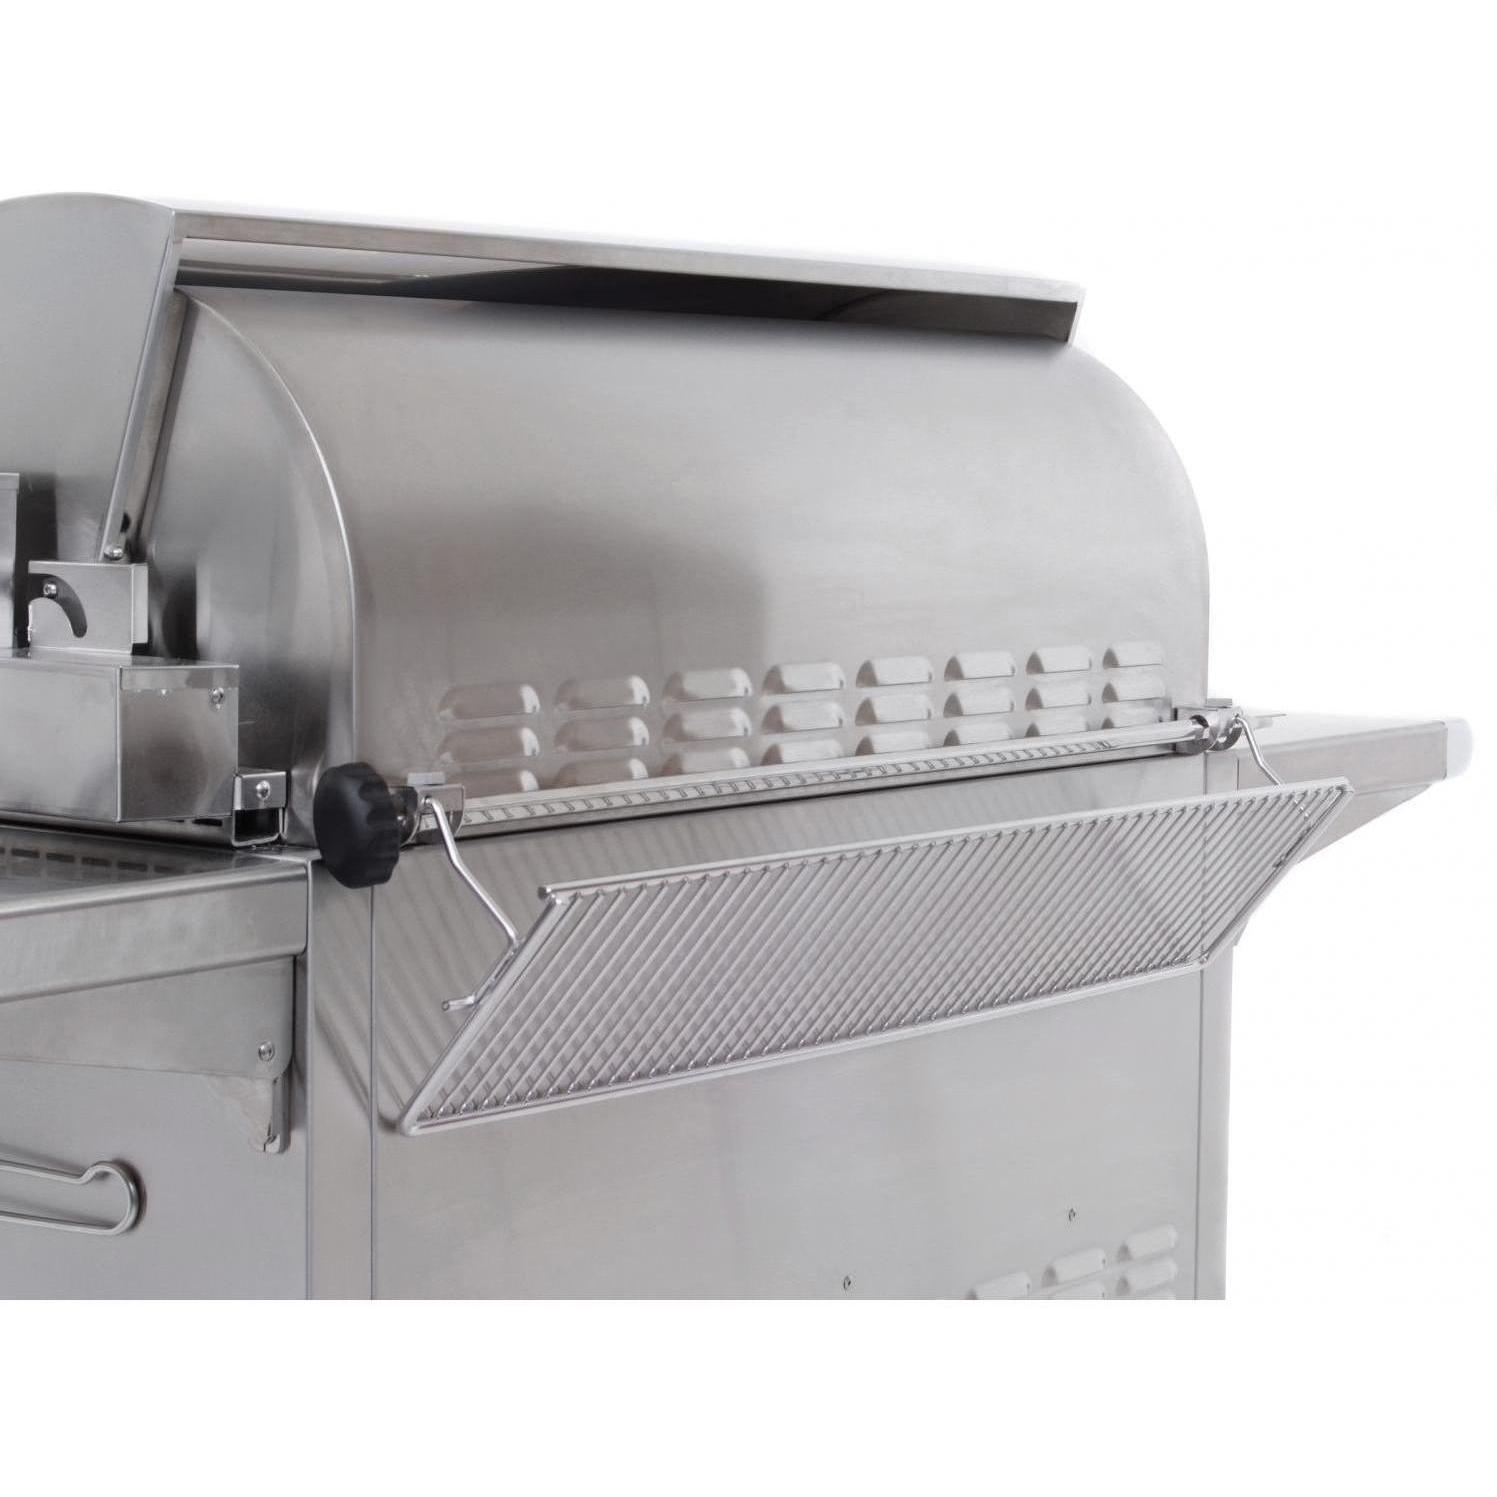 Fire Magic Echelon Diamond E790i 36 Inch Built In Propane Gas Grill